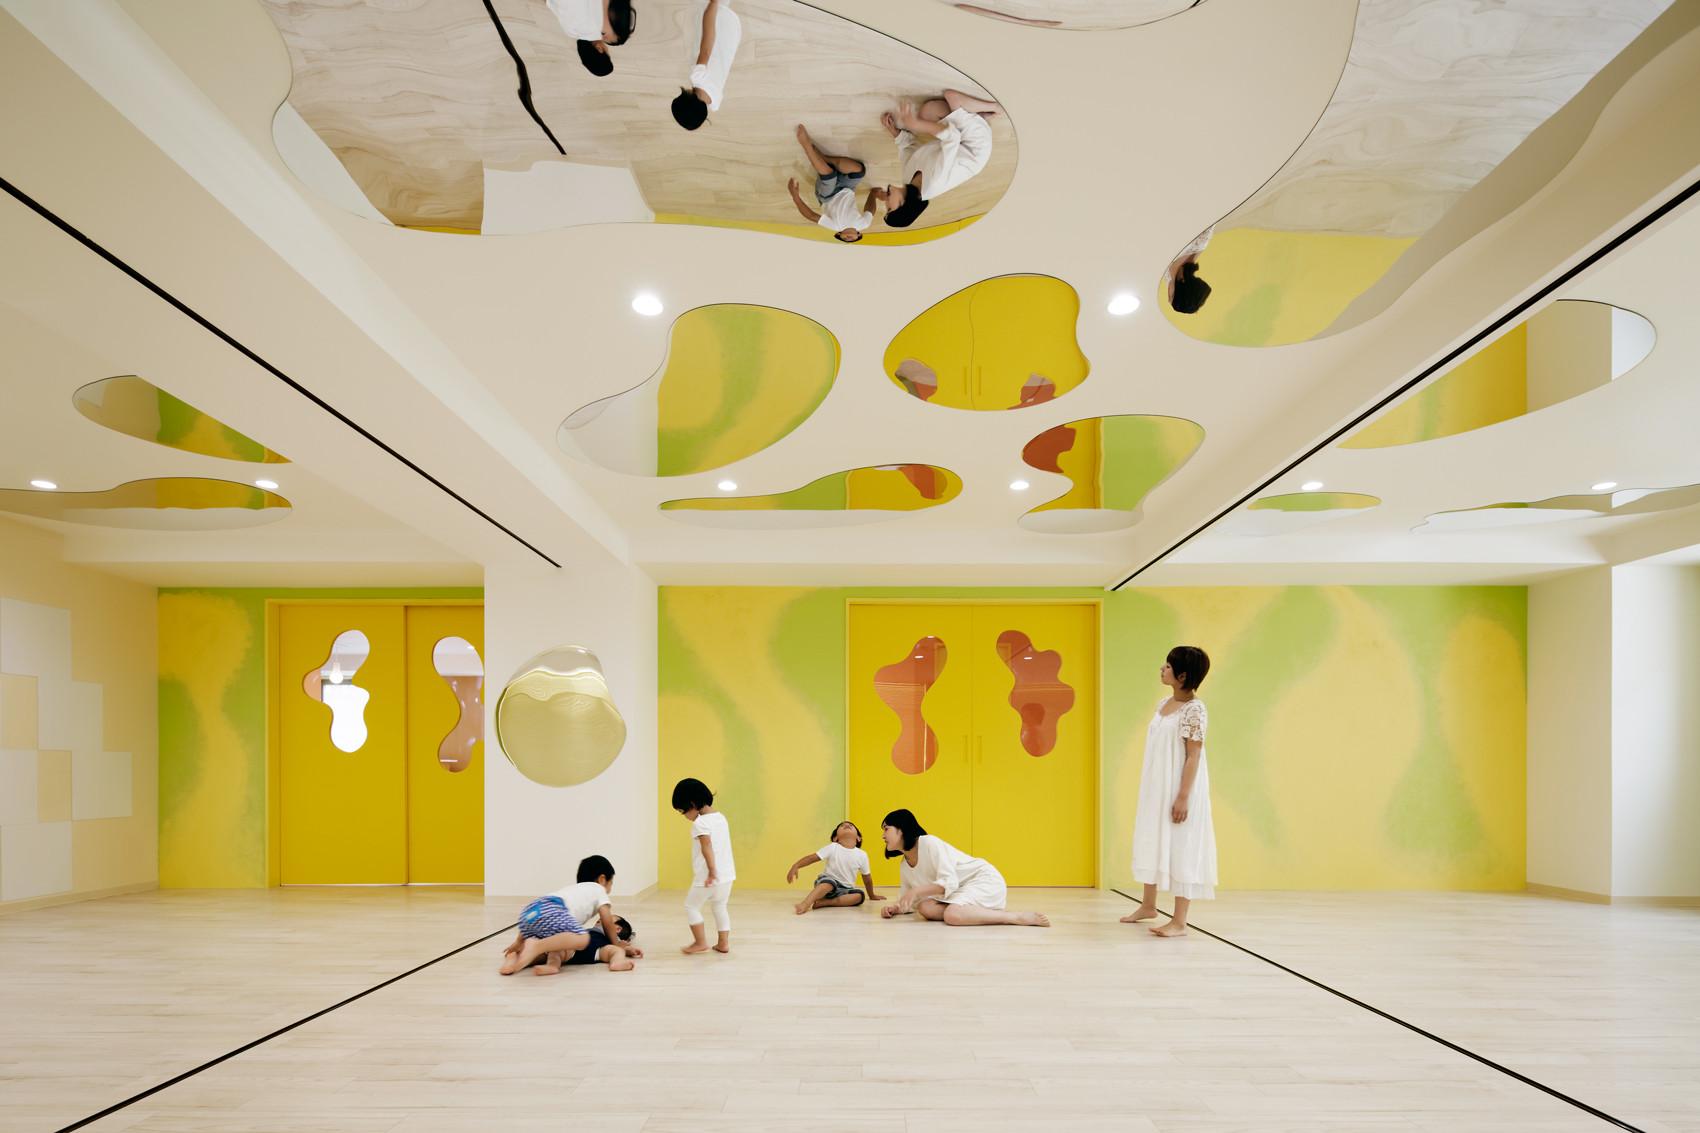 Jardín infantil LHM / Moriyuki Ochiai Architects, © Atsushi Ishida